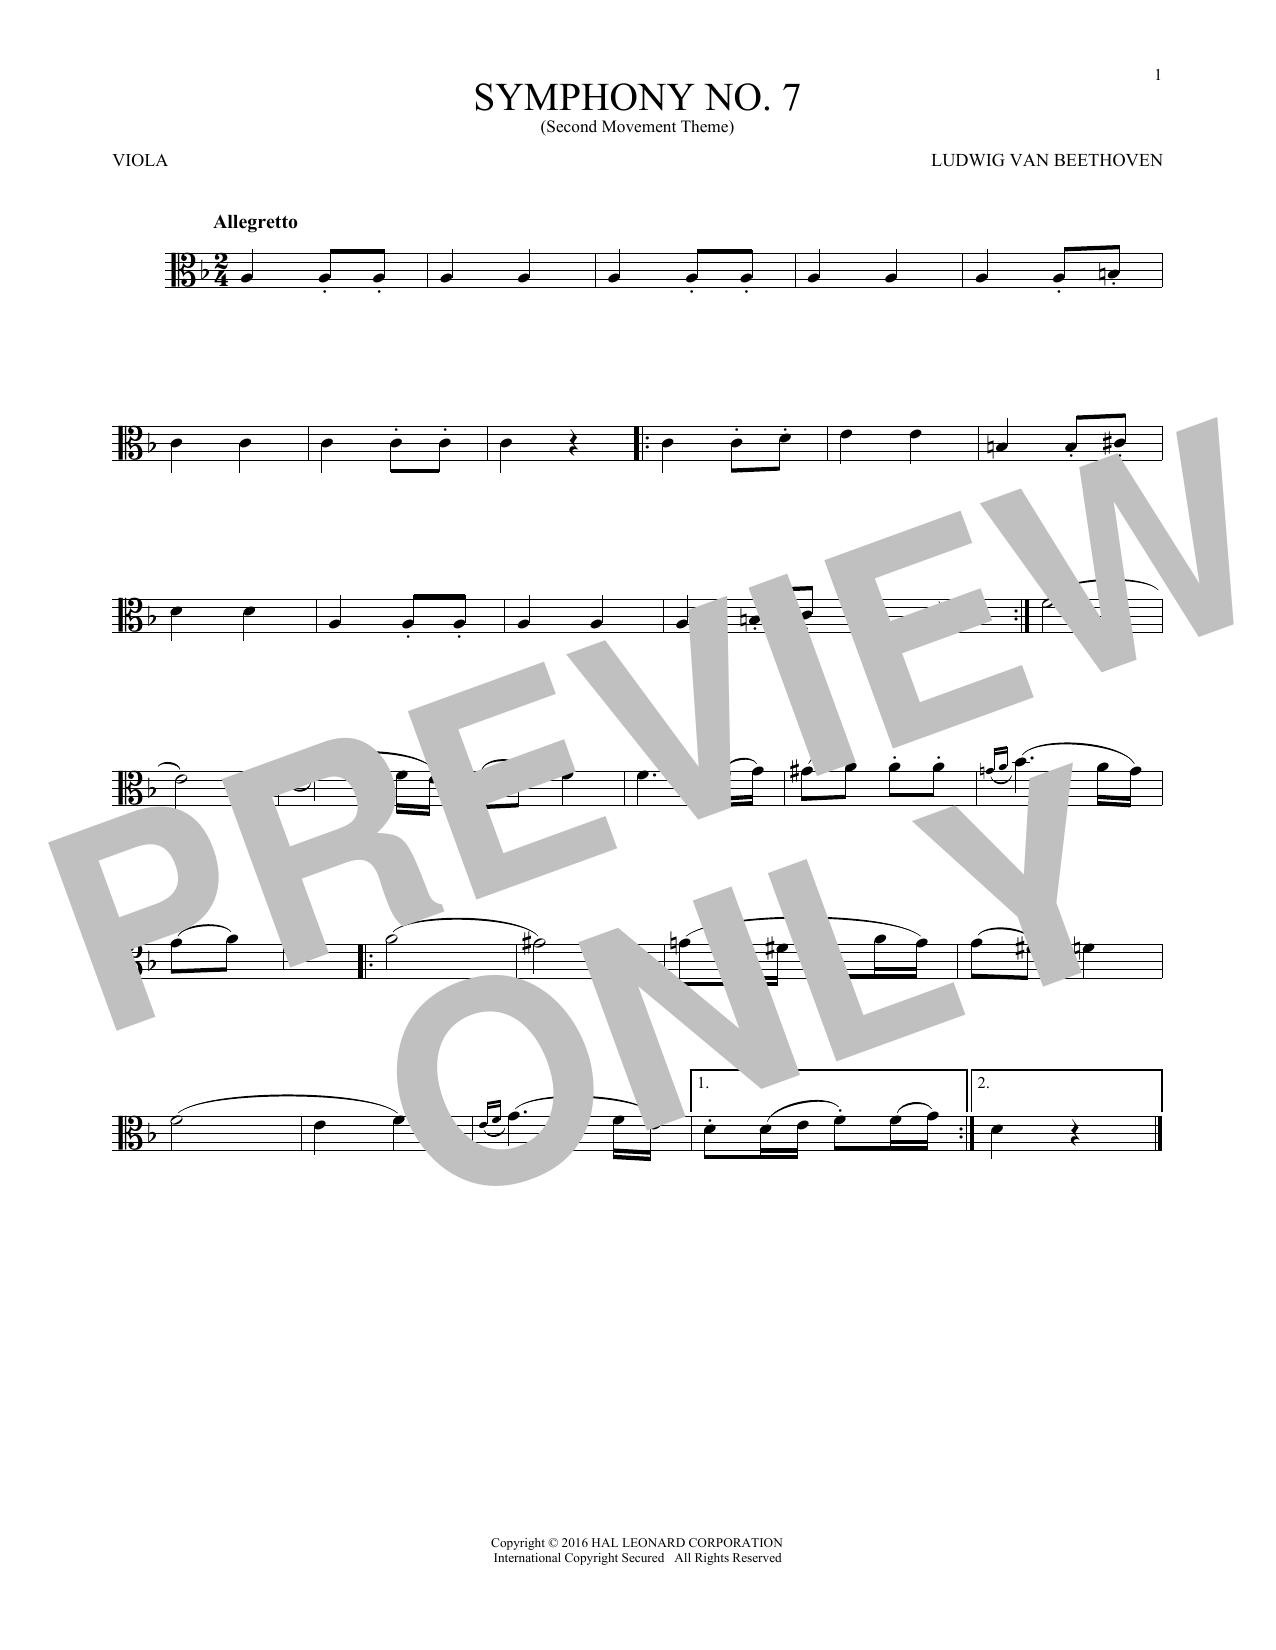 Symphony No. 7 In A Major, Second Movement (Allegretto) (Viola Solo)